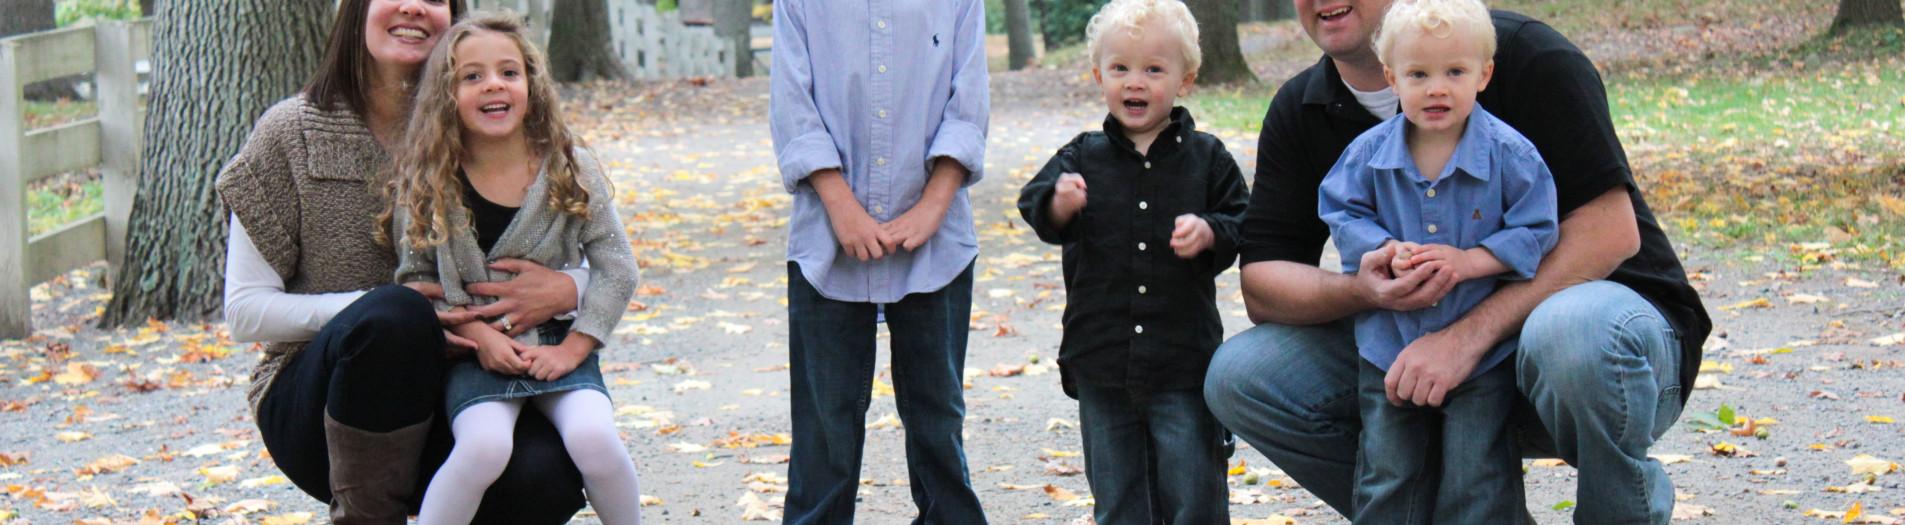 Portfolio: Fall Family